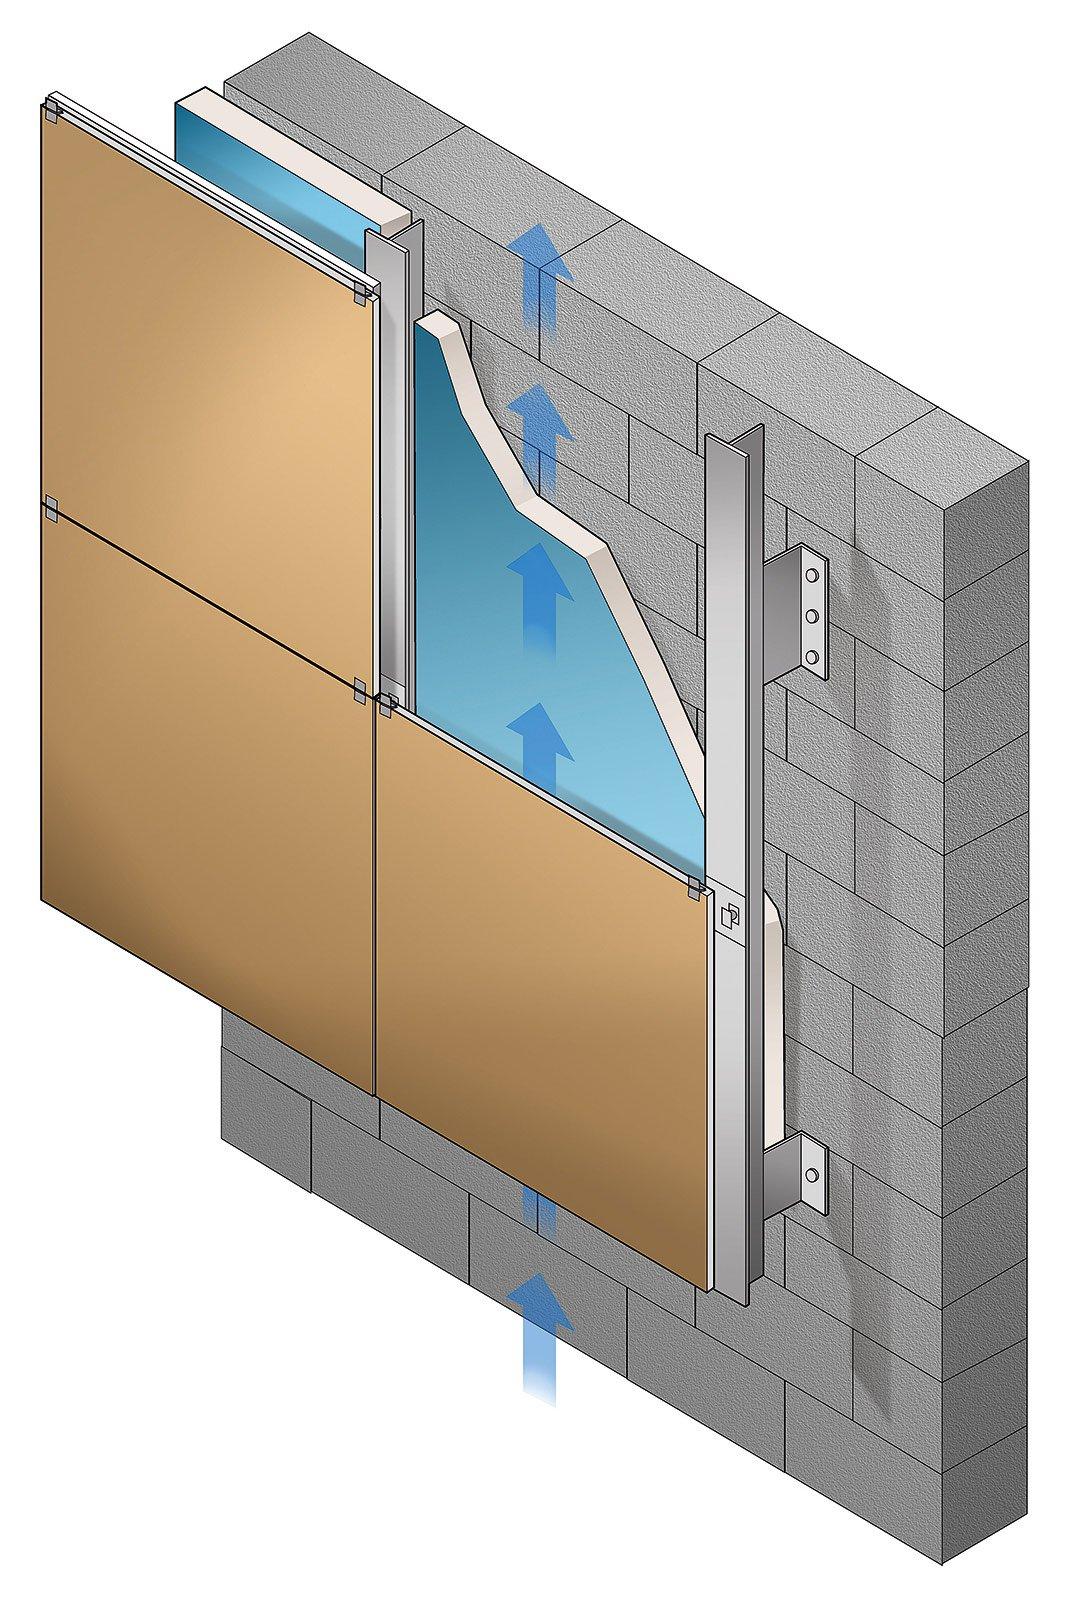 Isolamento termico: coibentare le strutture verticali per spendere ...